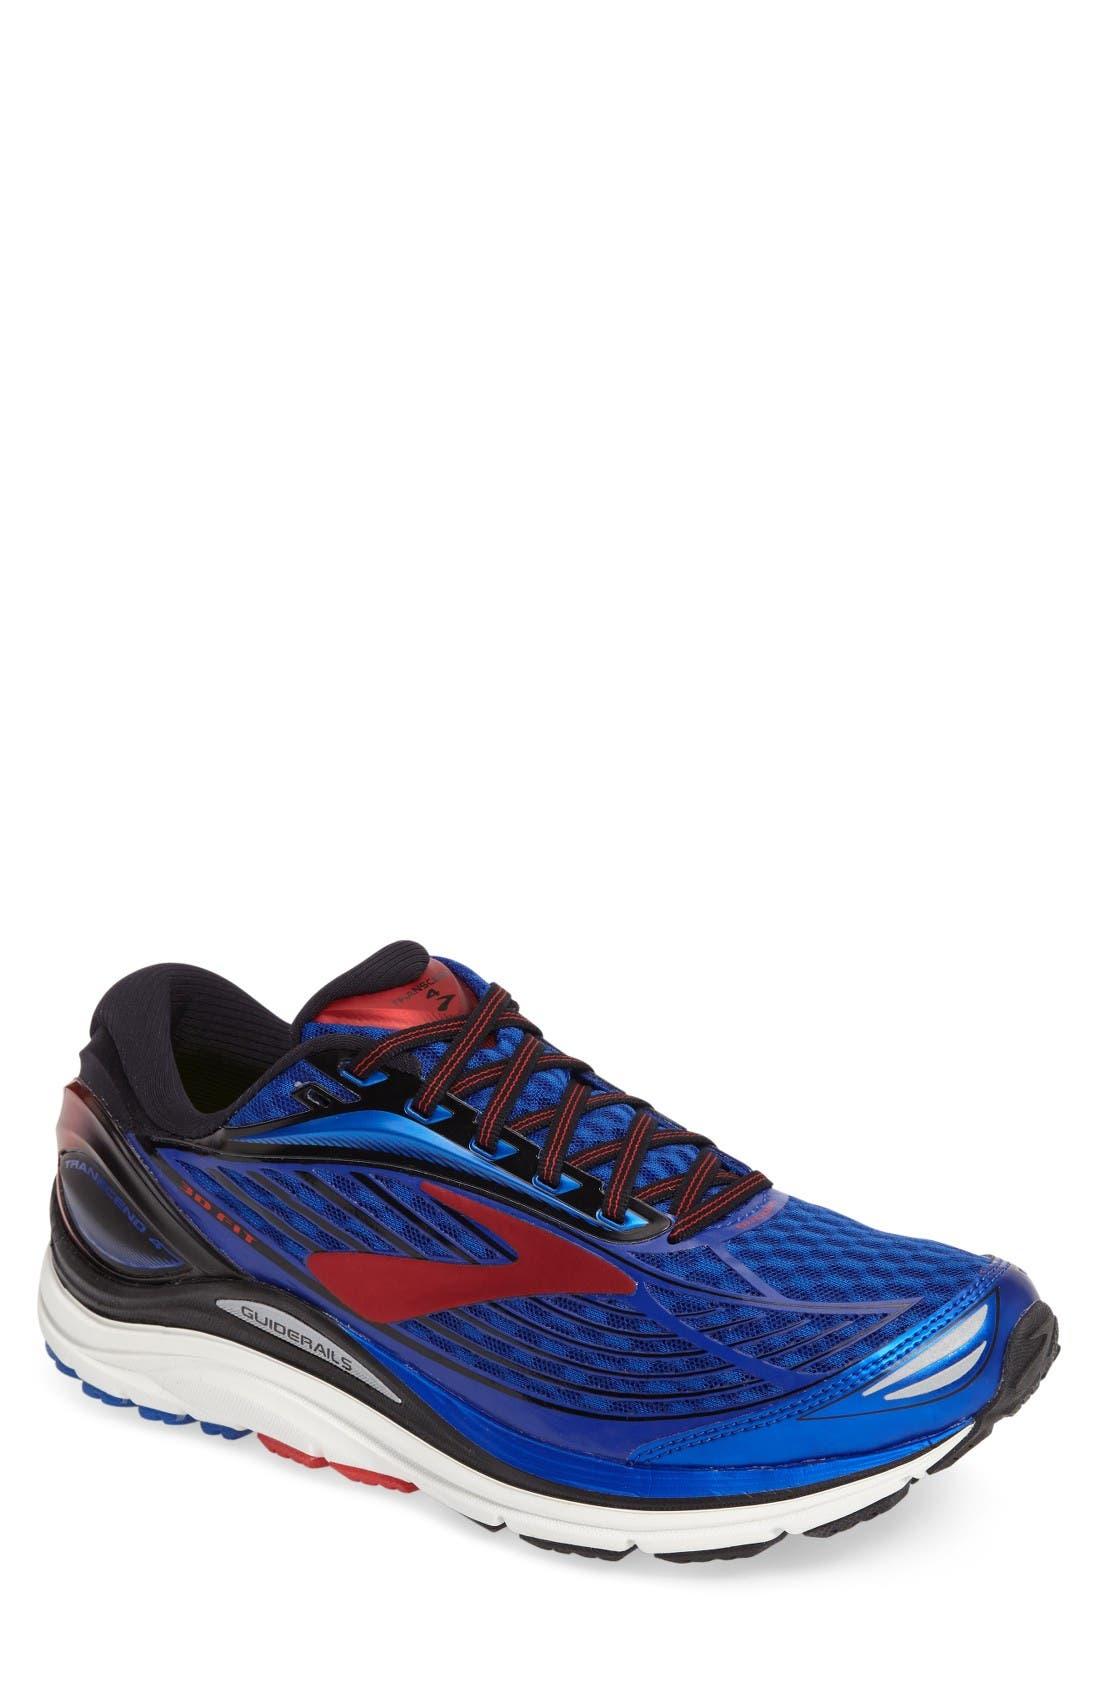 Transcend 4 Running Shoe,                         Main,                         color, Blue/ Black/ Red